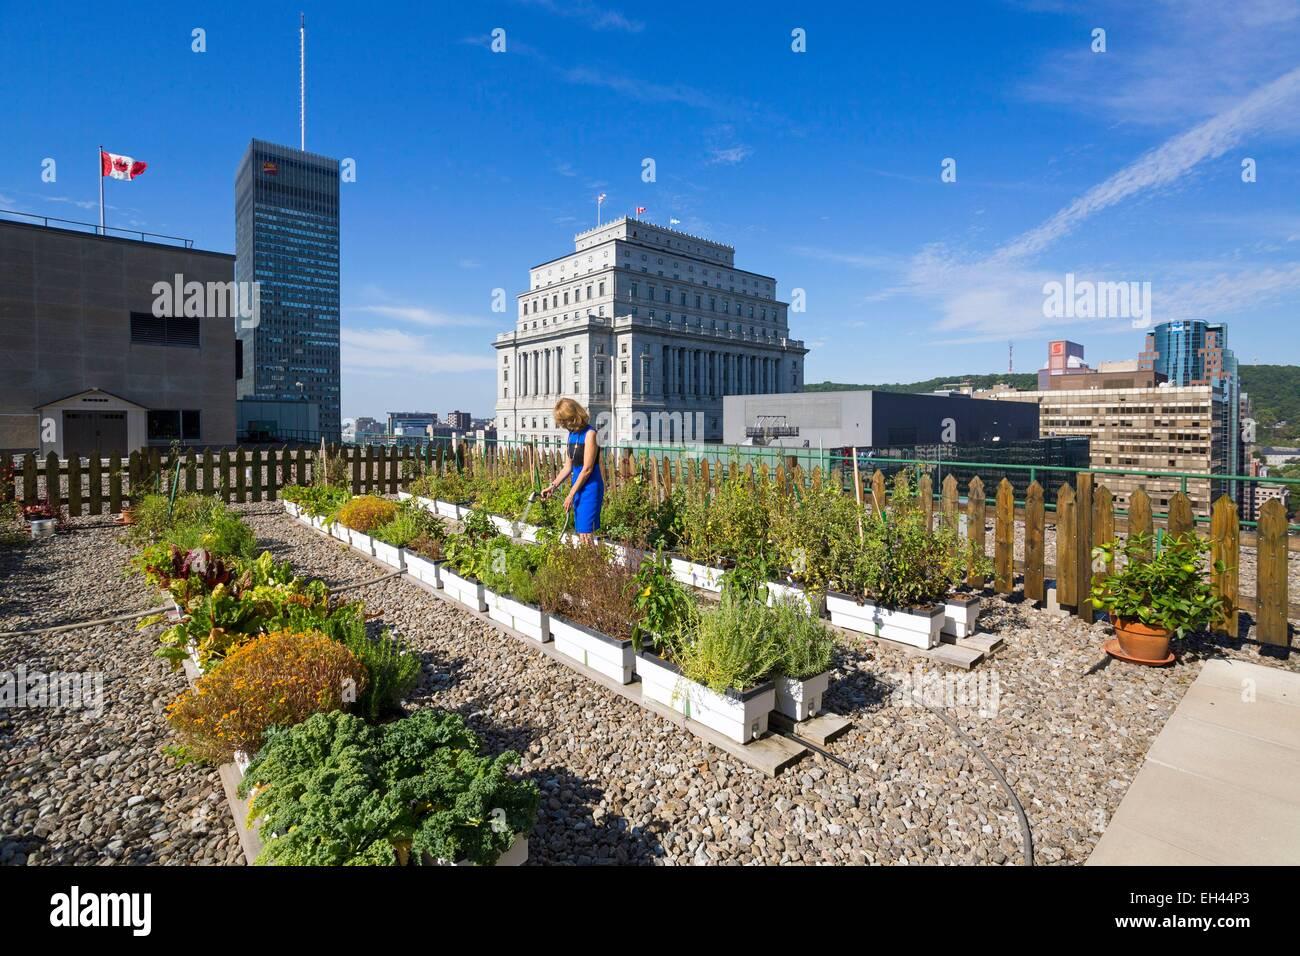 Kanada, Provinz Quebec, Montreal, Queen Elizabeth Hotel, dem grünen Dach und einen Gemüsegarten Stockbild